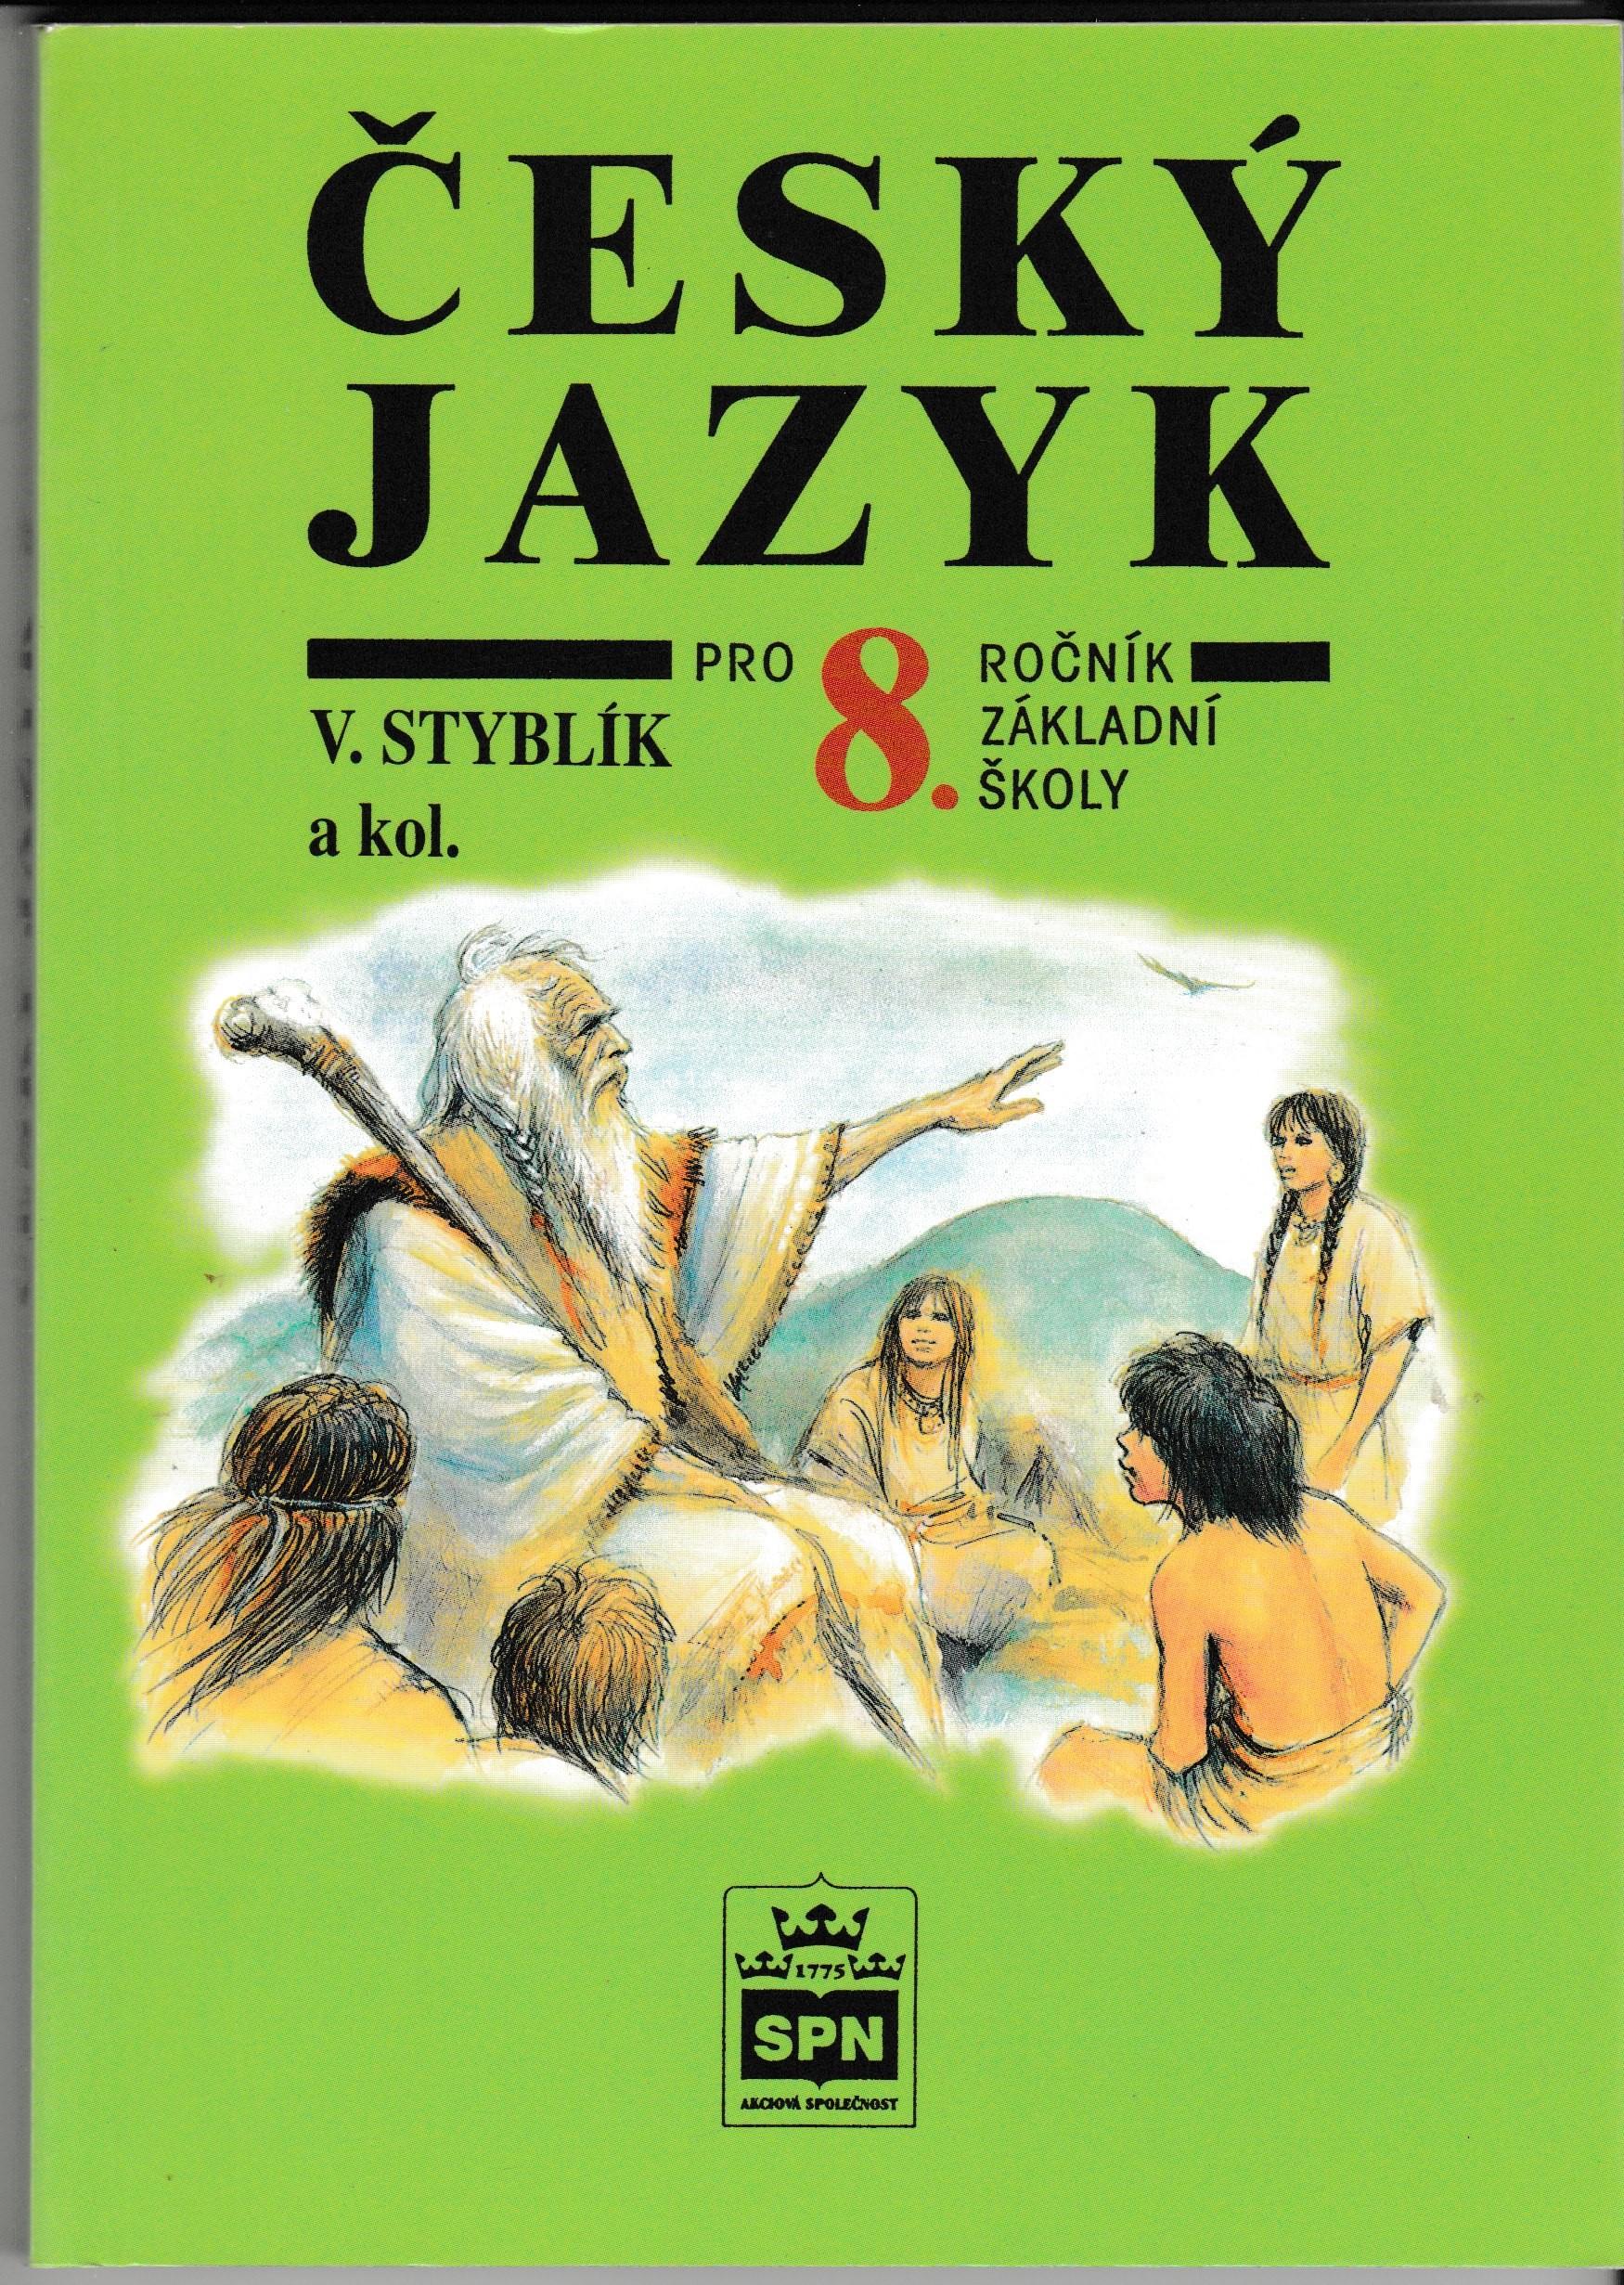 Český jazyk pro 8. ročník ZŠ - V. Styblík a kol.